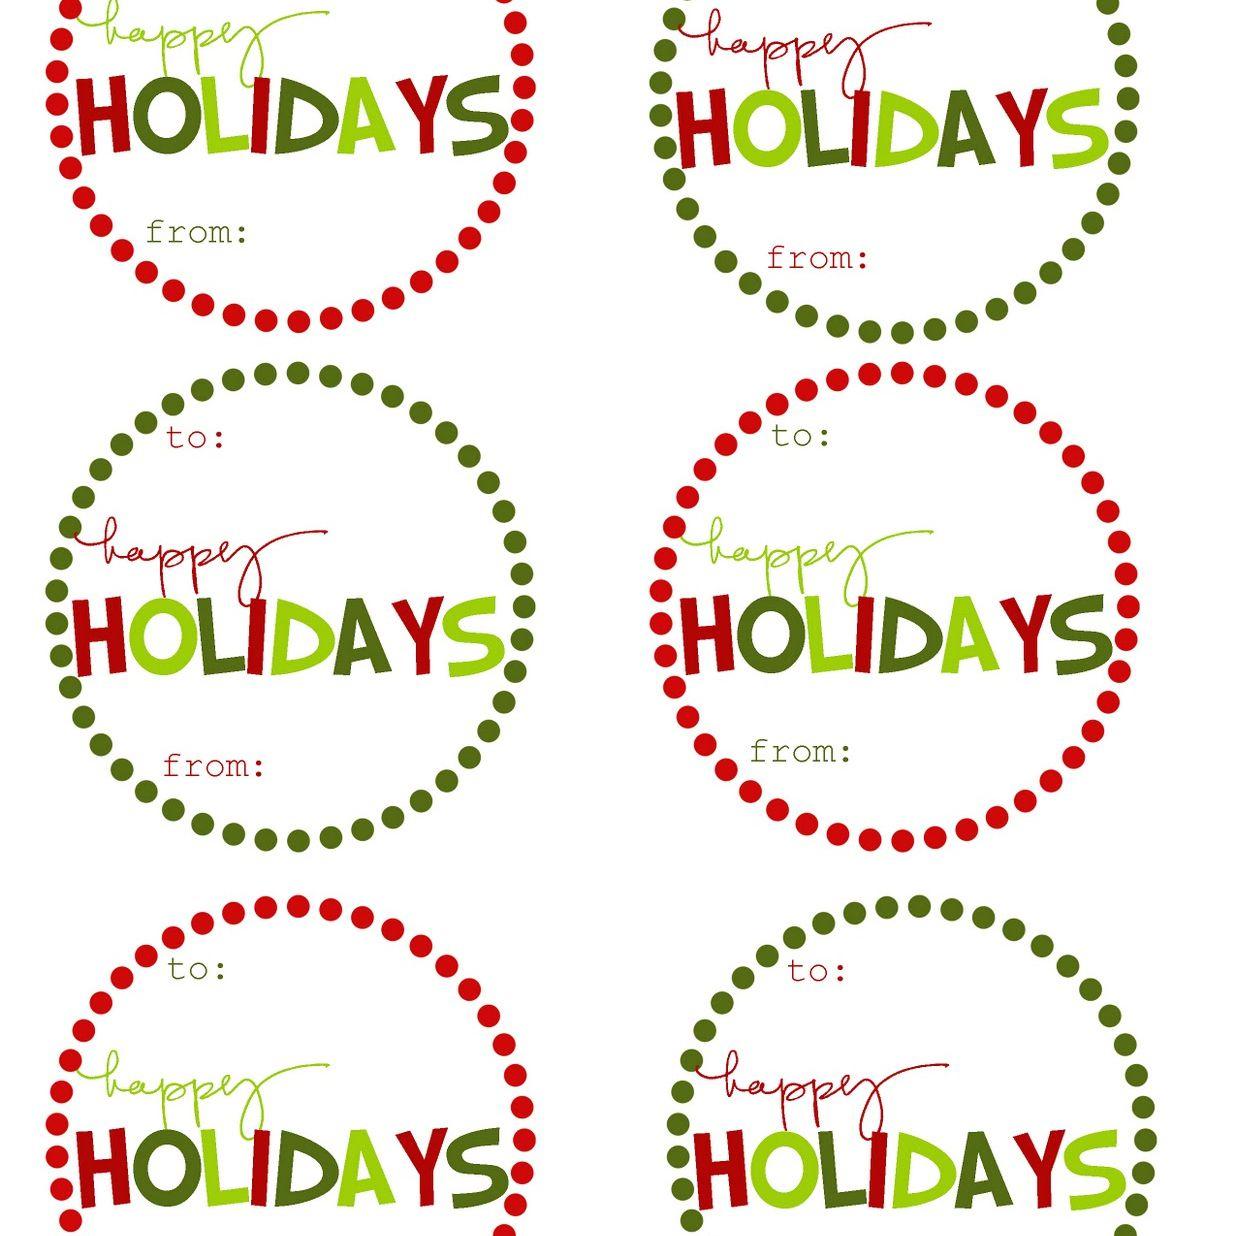 40 Sets Of Free Printable Christmas Gift Tags - Free Printable Toe Tags